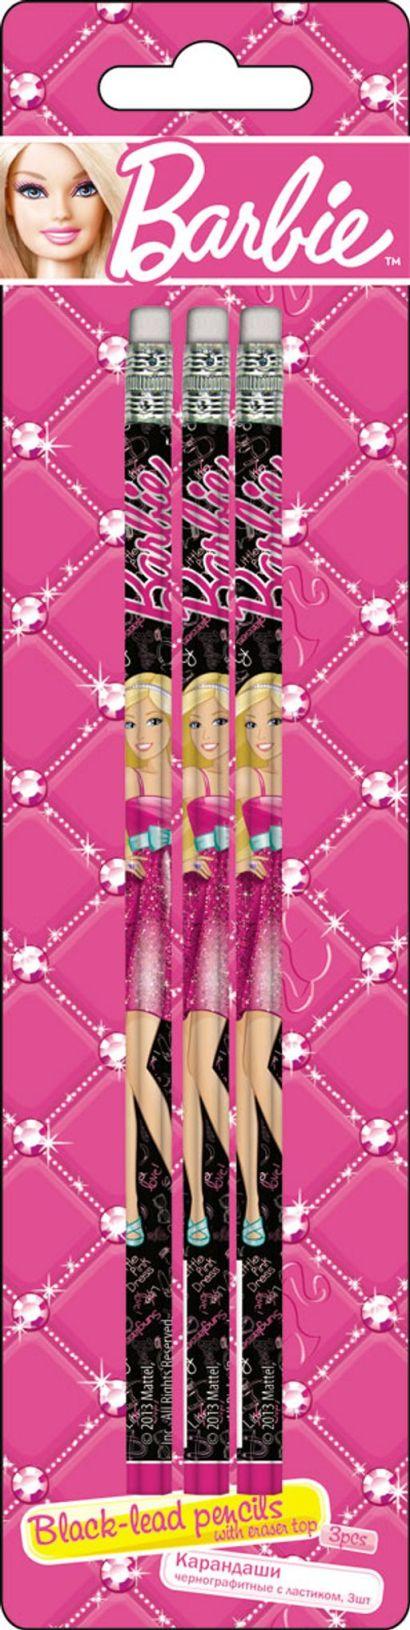 Карандаши ч/г BB, шестигранные с ластиком, 3 шт. Печать на корпусе - термоперенос. Упаковка - блистер, 500 г/м2, 4+1, европодвес. Barbie - фото 1